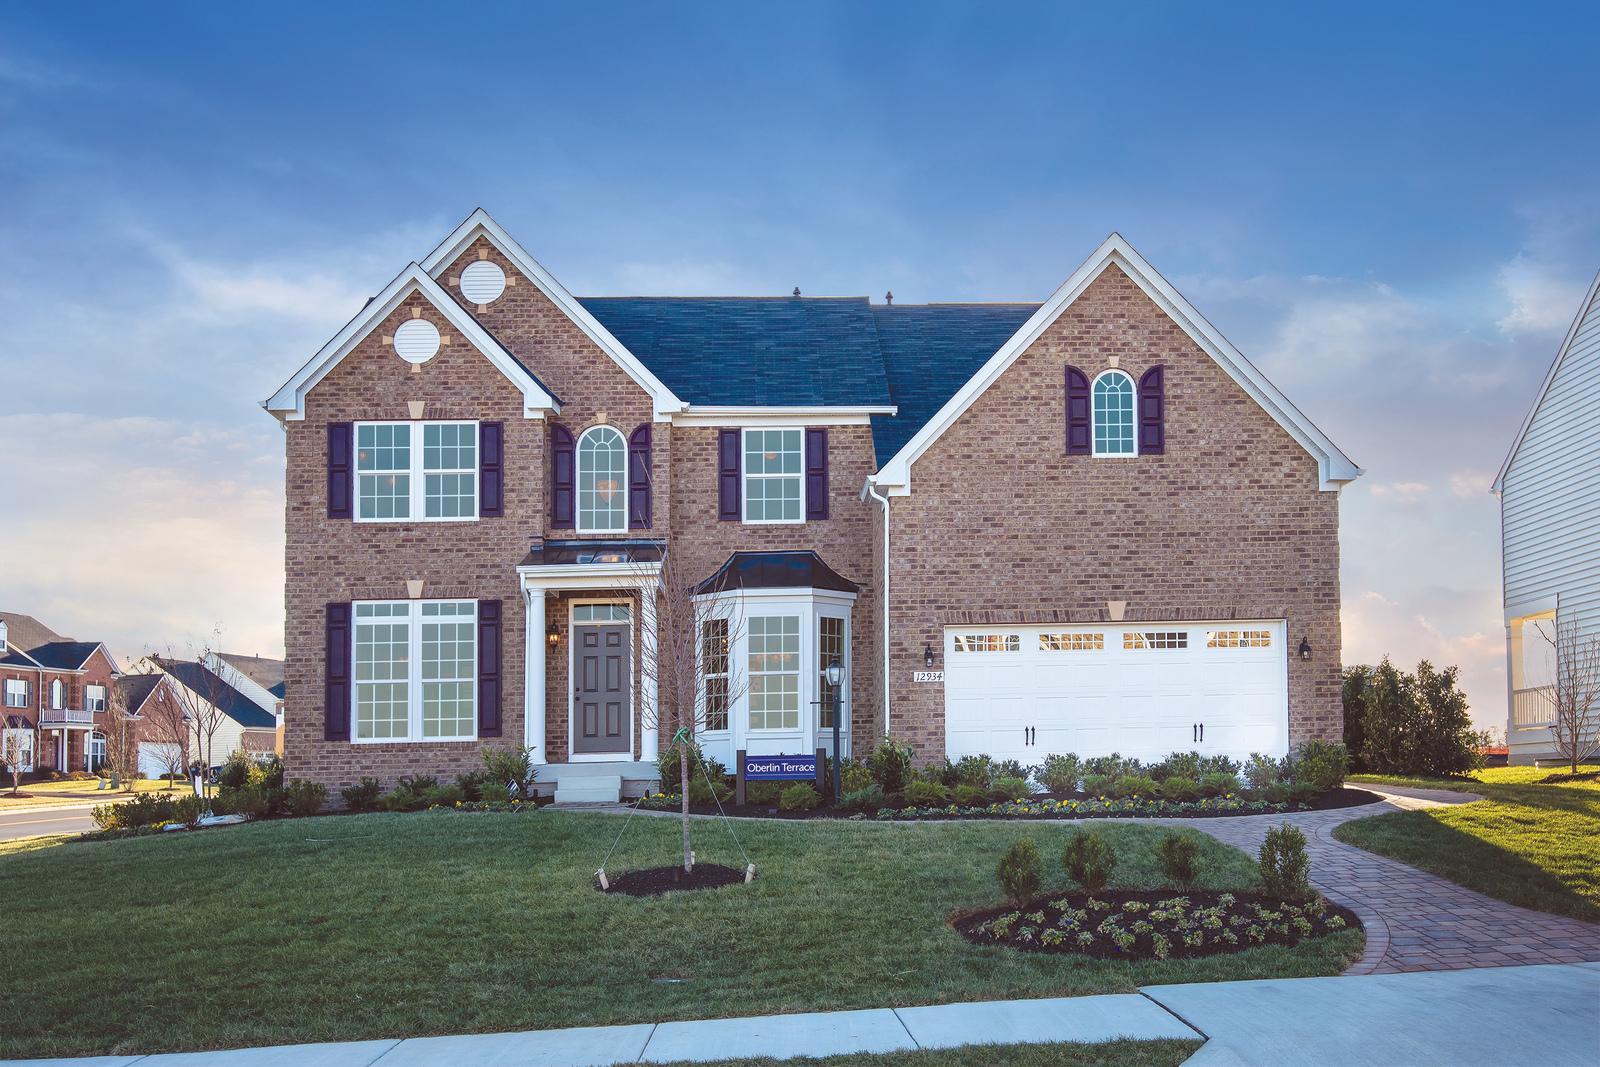 Hoadly Manor